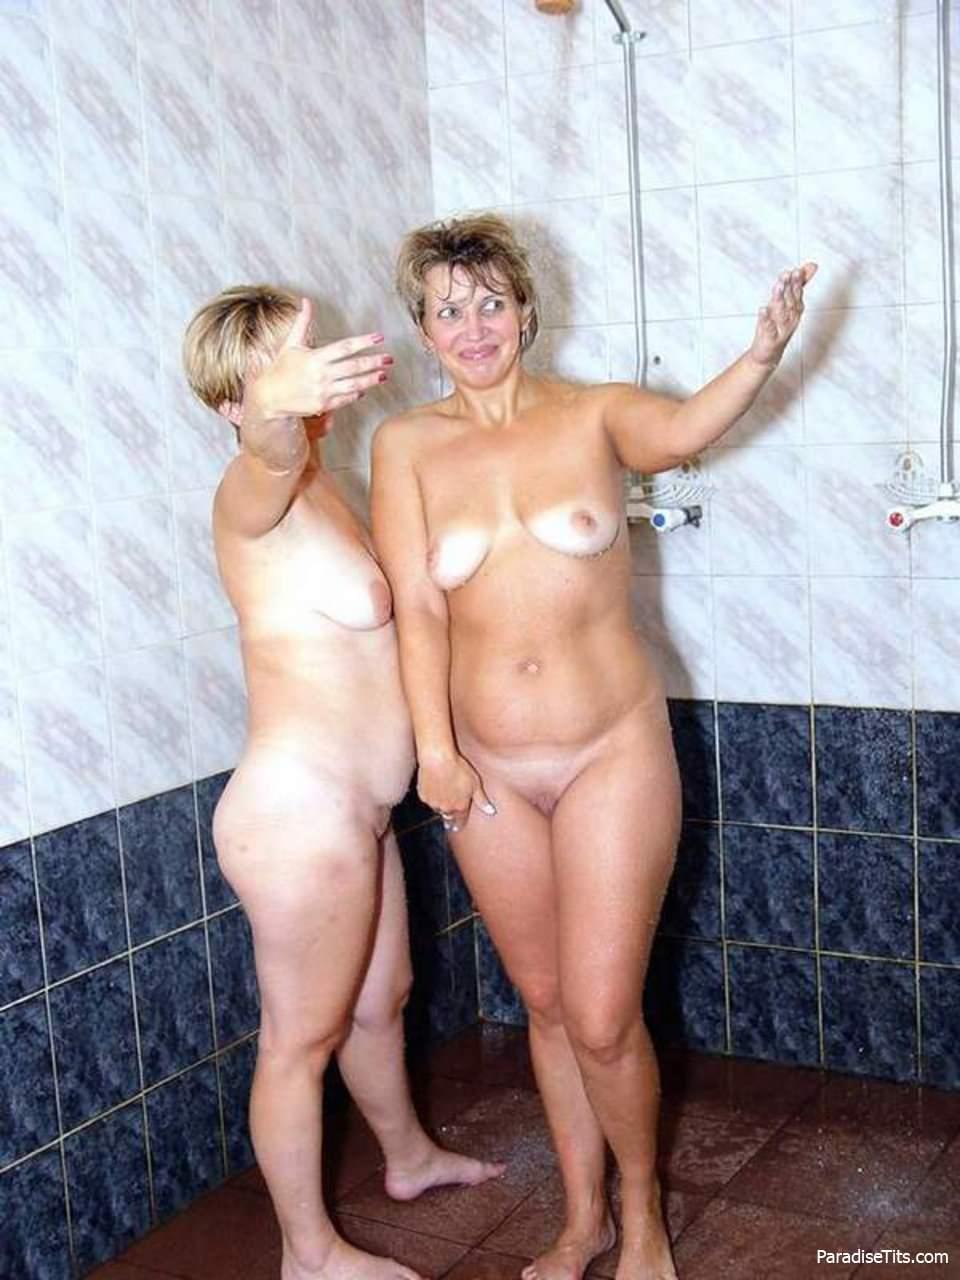 Голые тётки - порно фото зрелых женщин